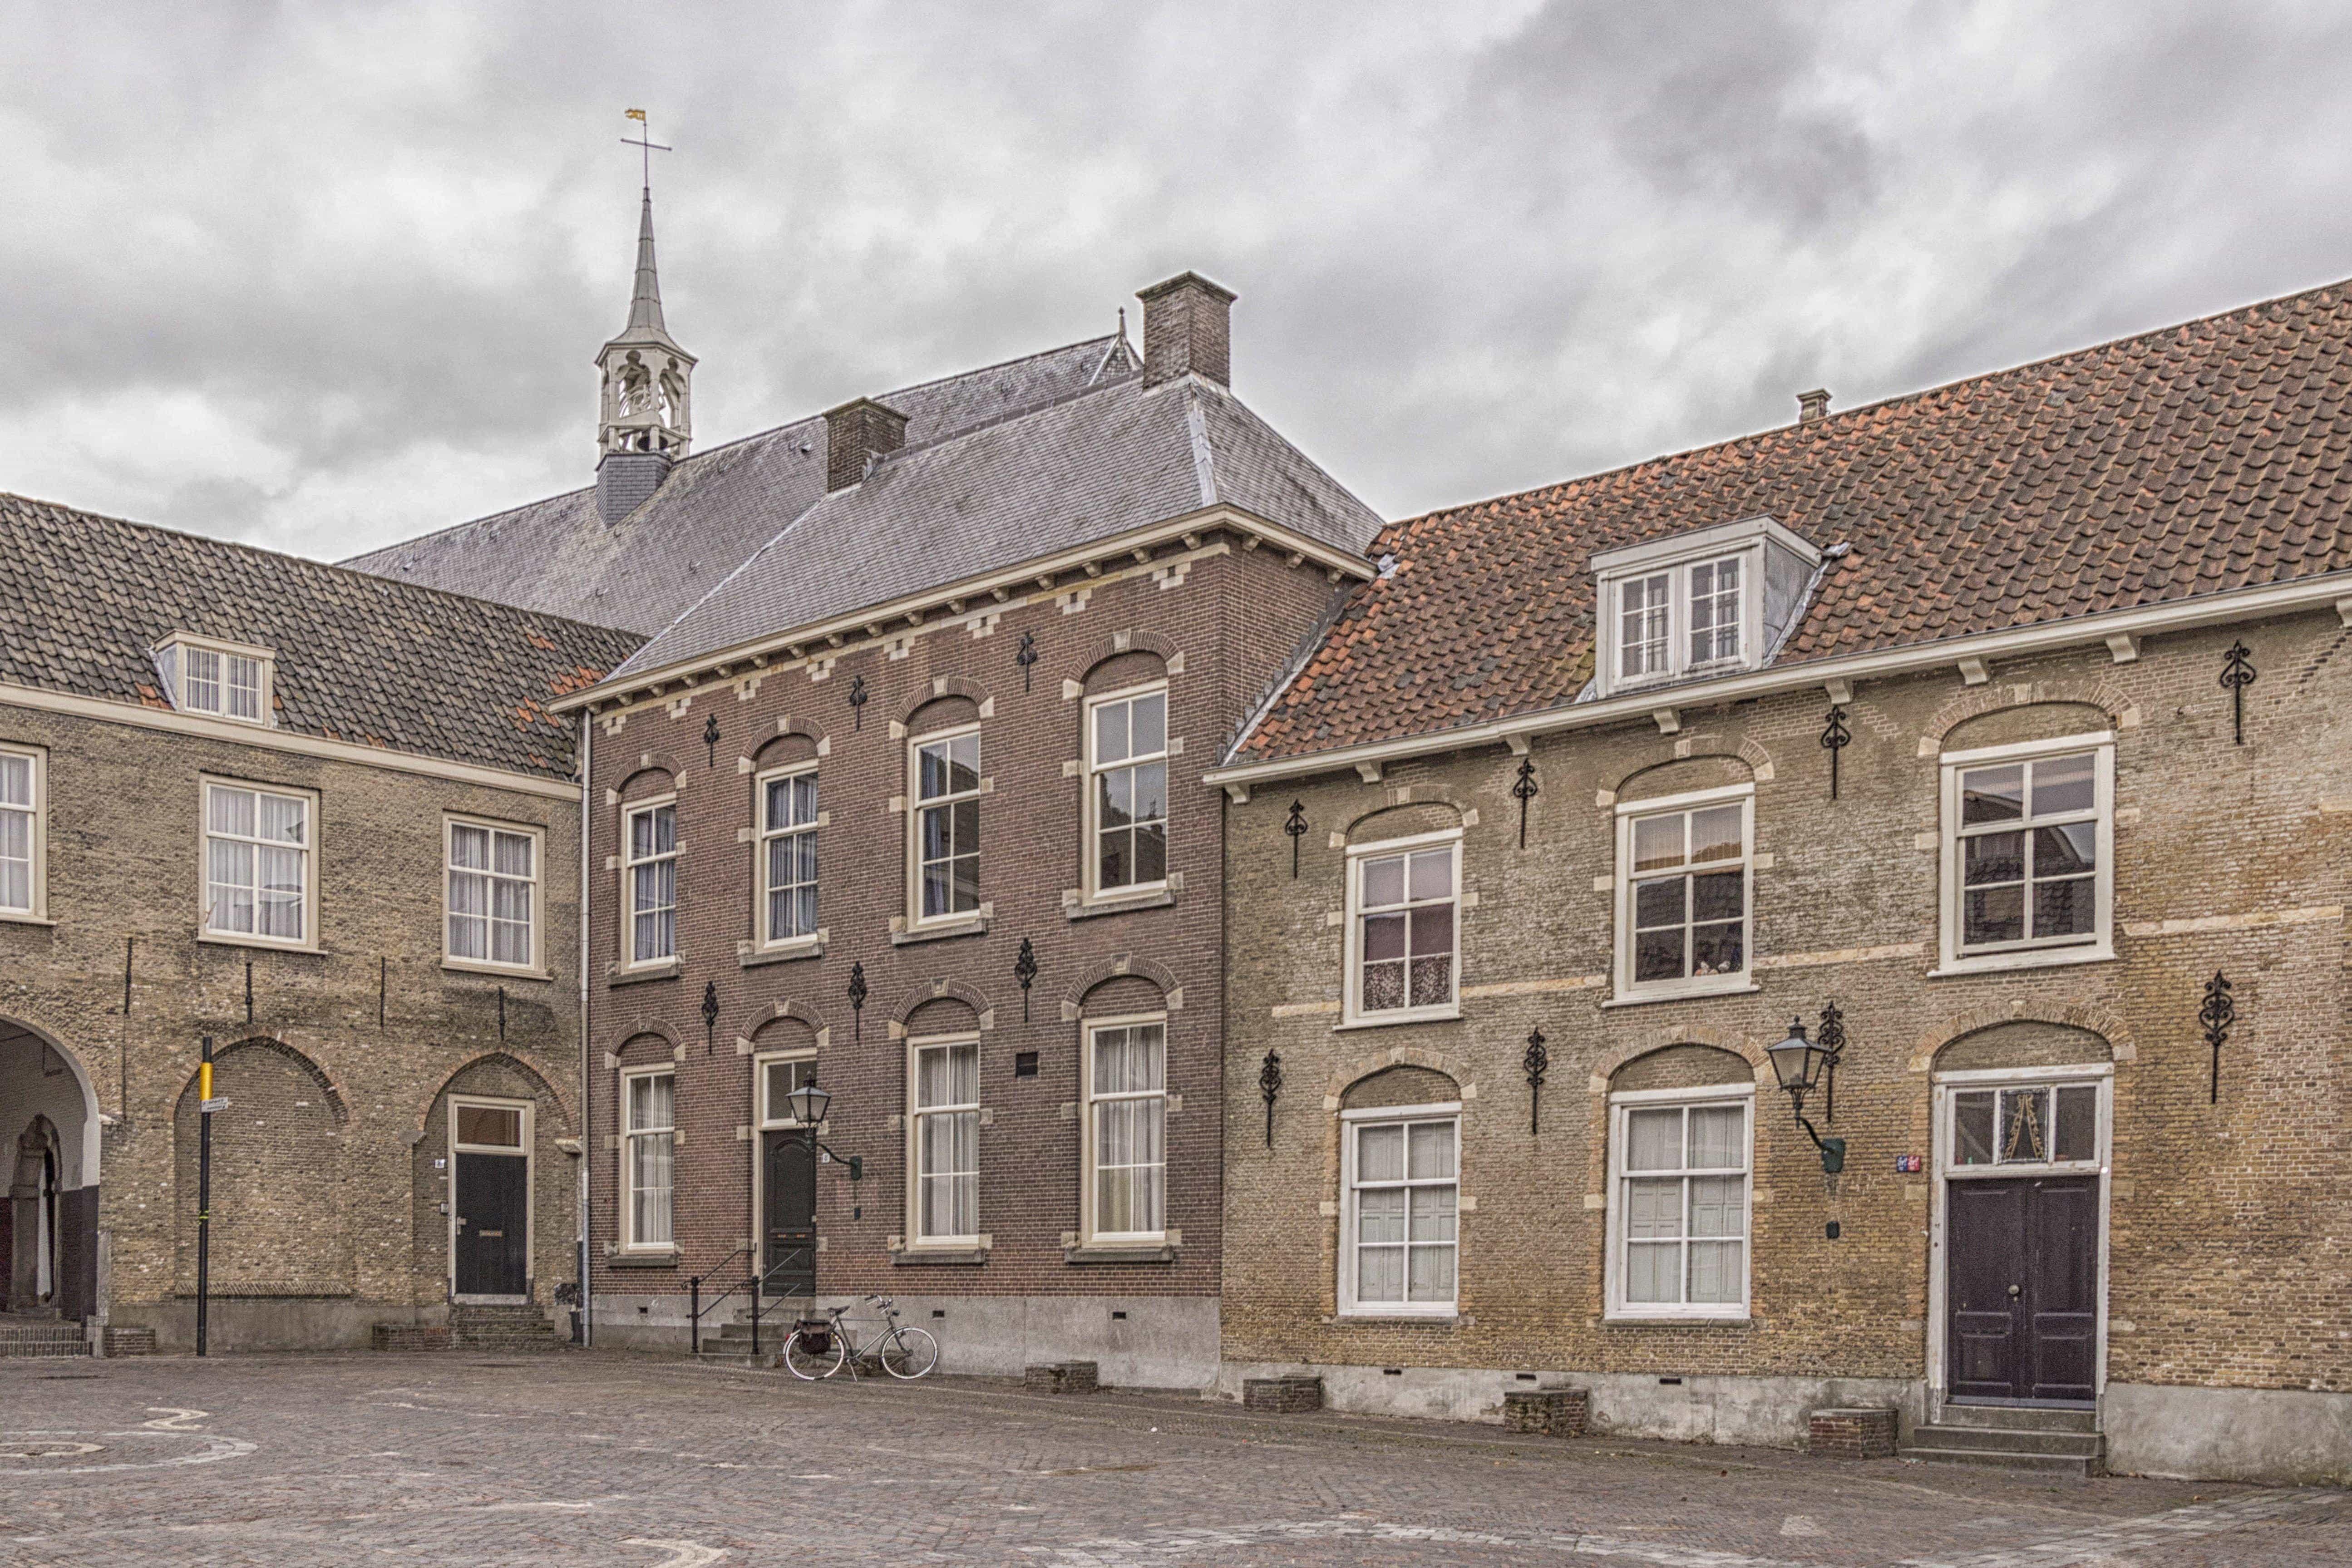 Kostenlose Bild: Architektur, Haus, alt, außen, alte, Fassade, Haus ...